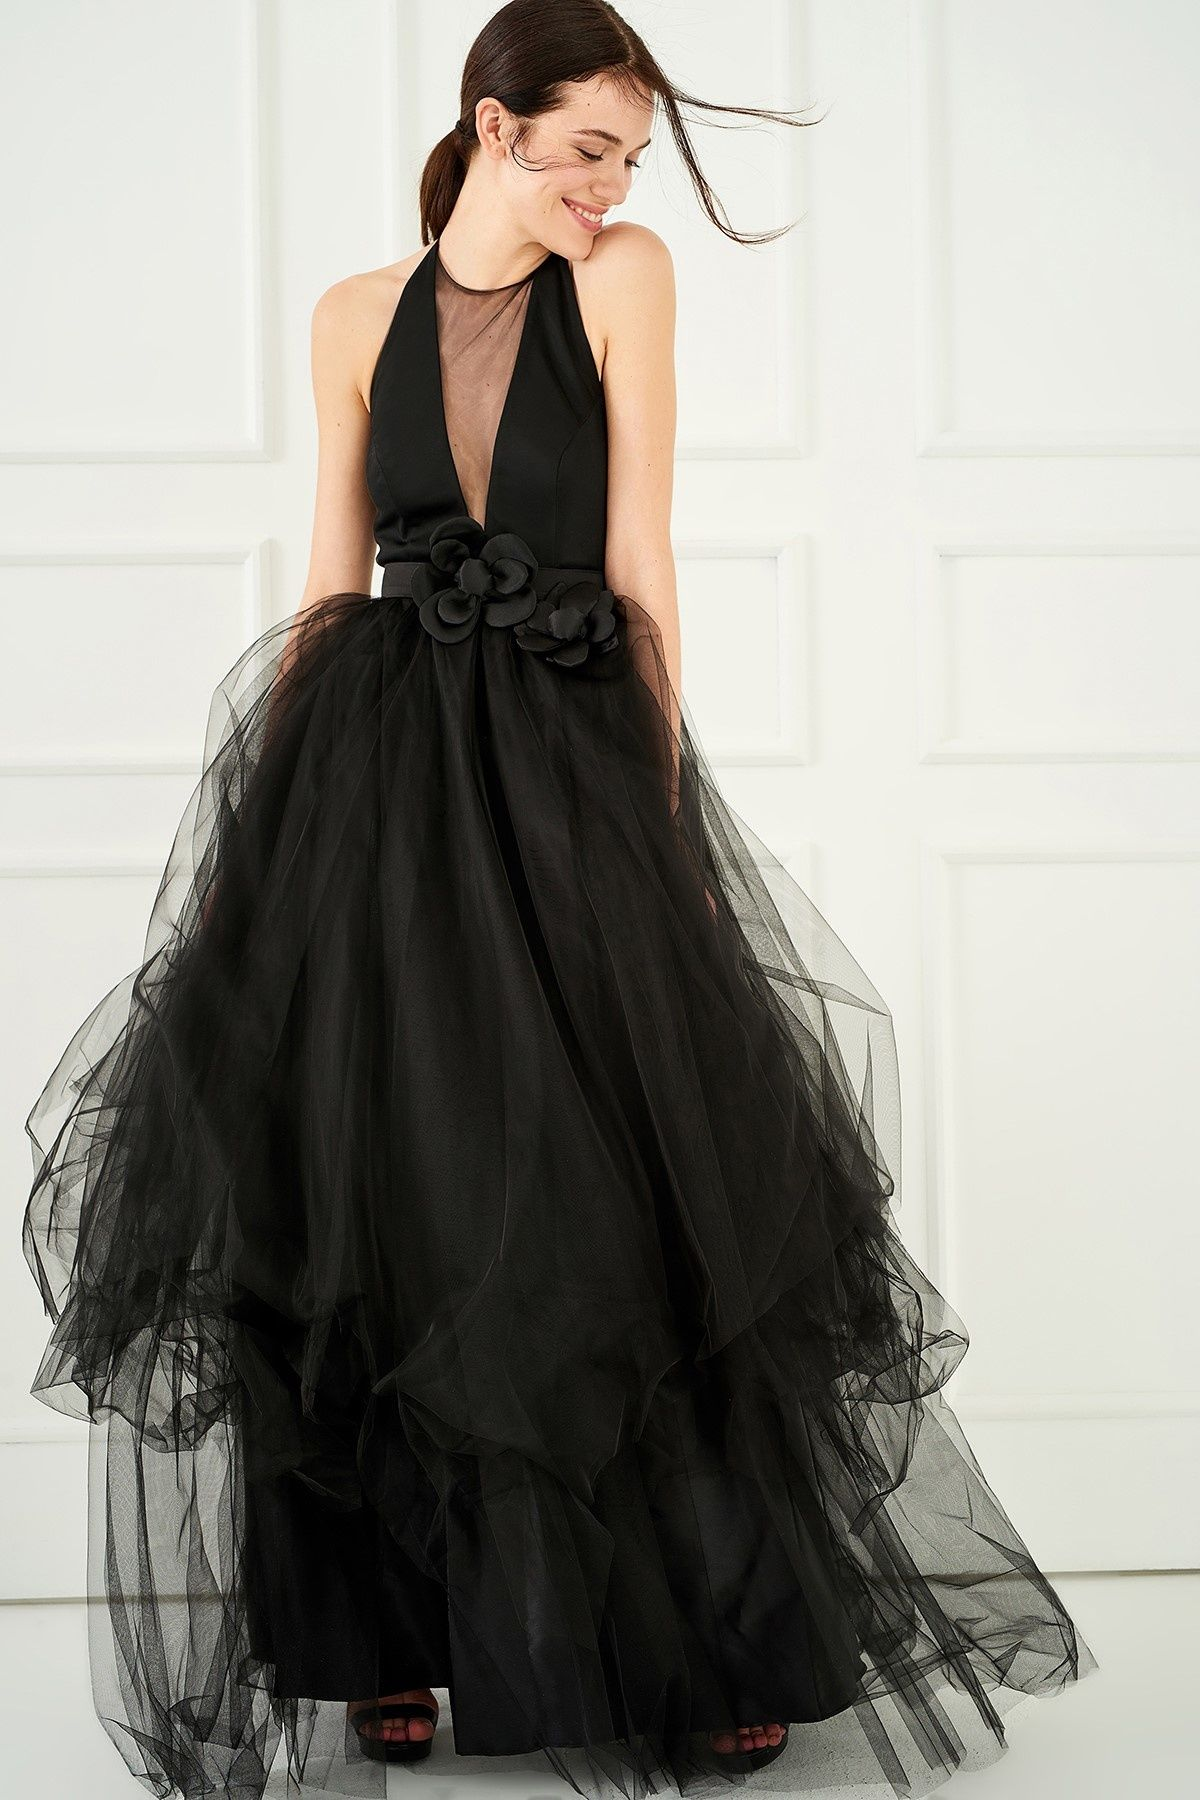 Siyah Gogus Dekolteli Elbise Trendyolmilla Trendyol Kadin Moda Stilleri Giyim